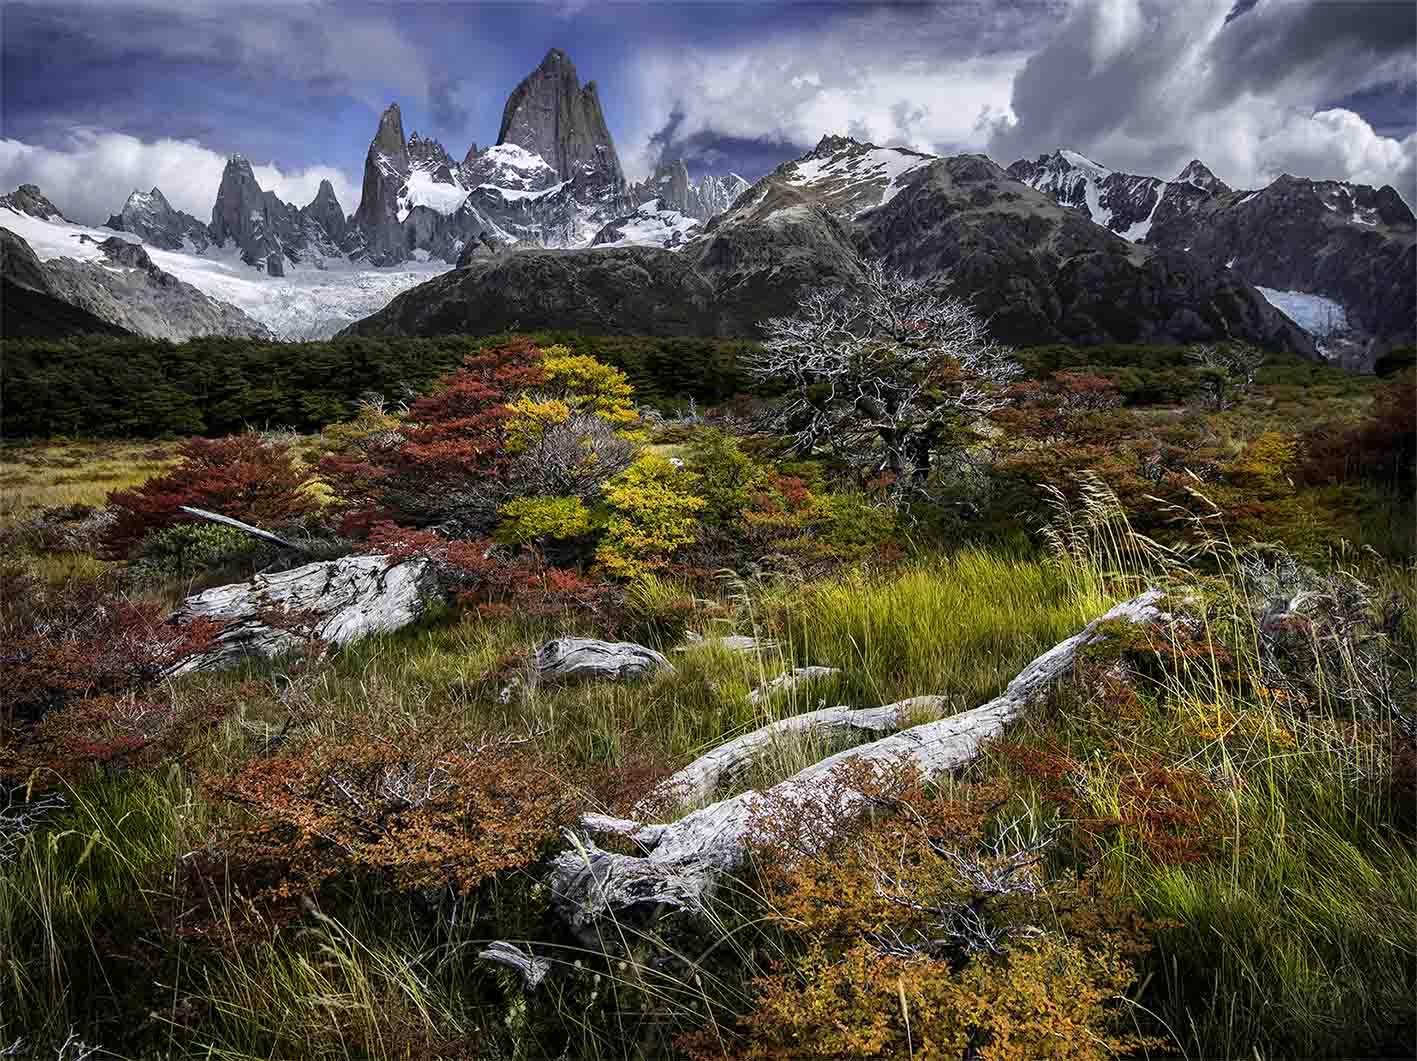 Mount Fitz Roy, Argentina by Ignacio Palacios